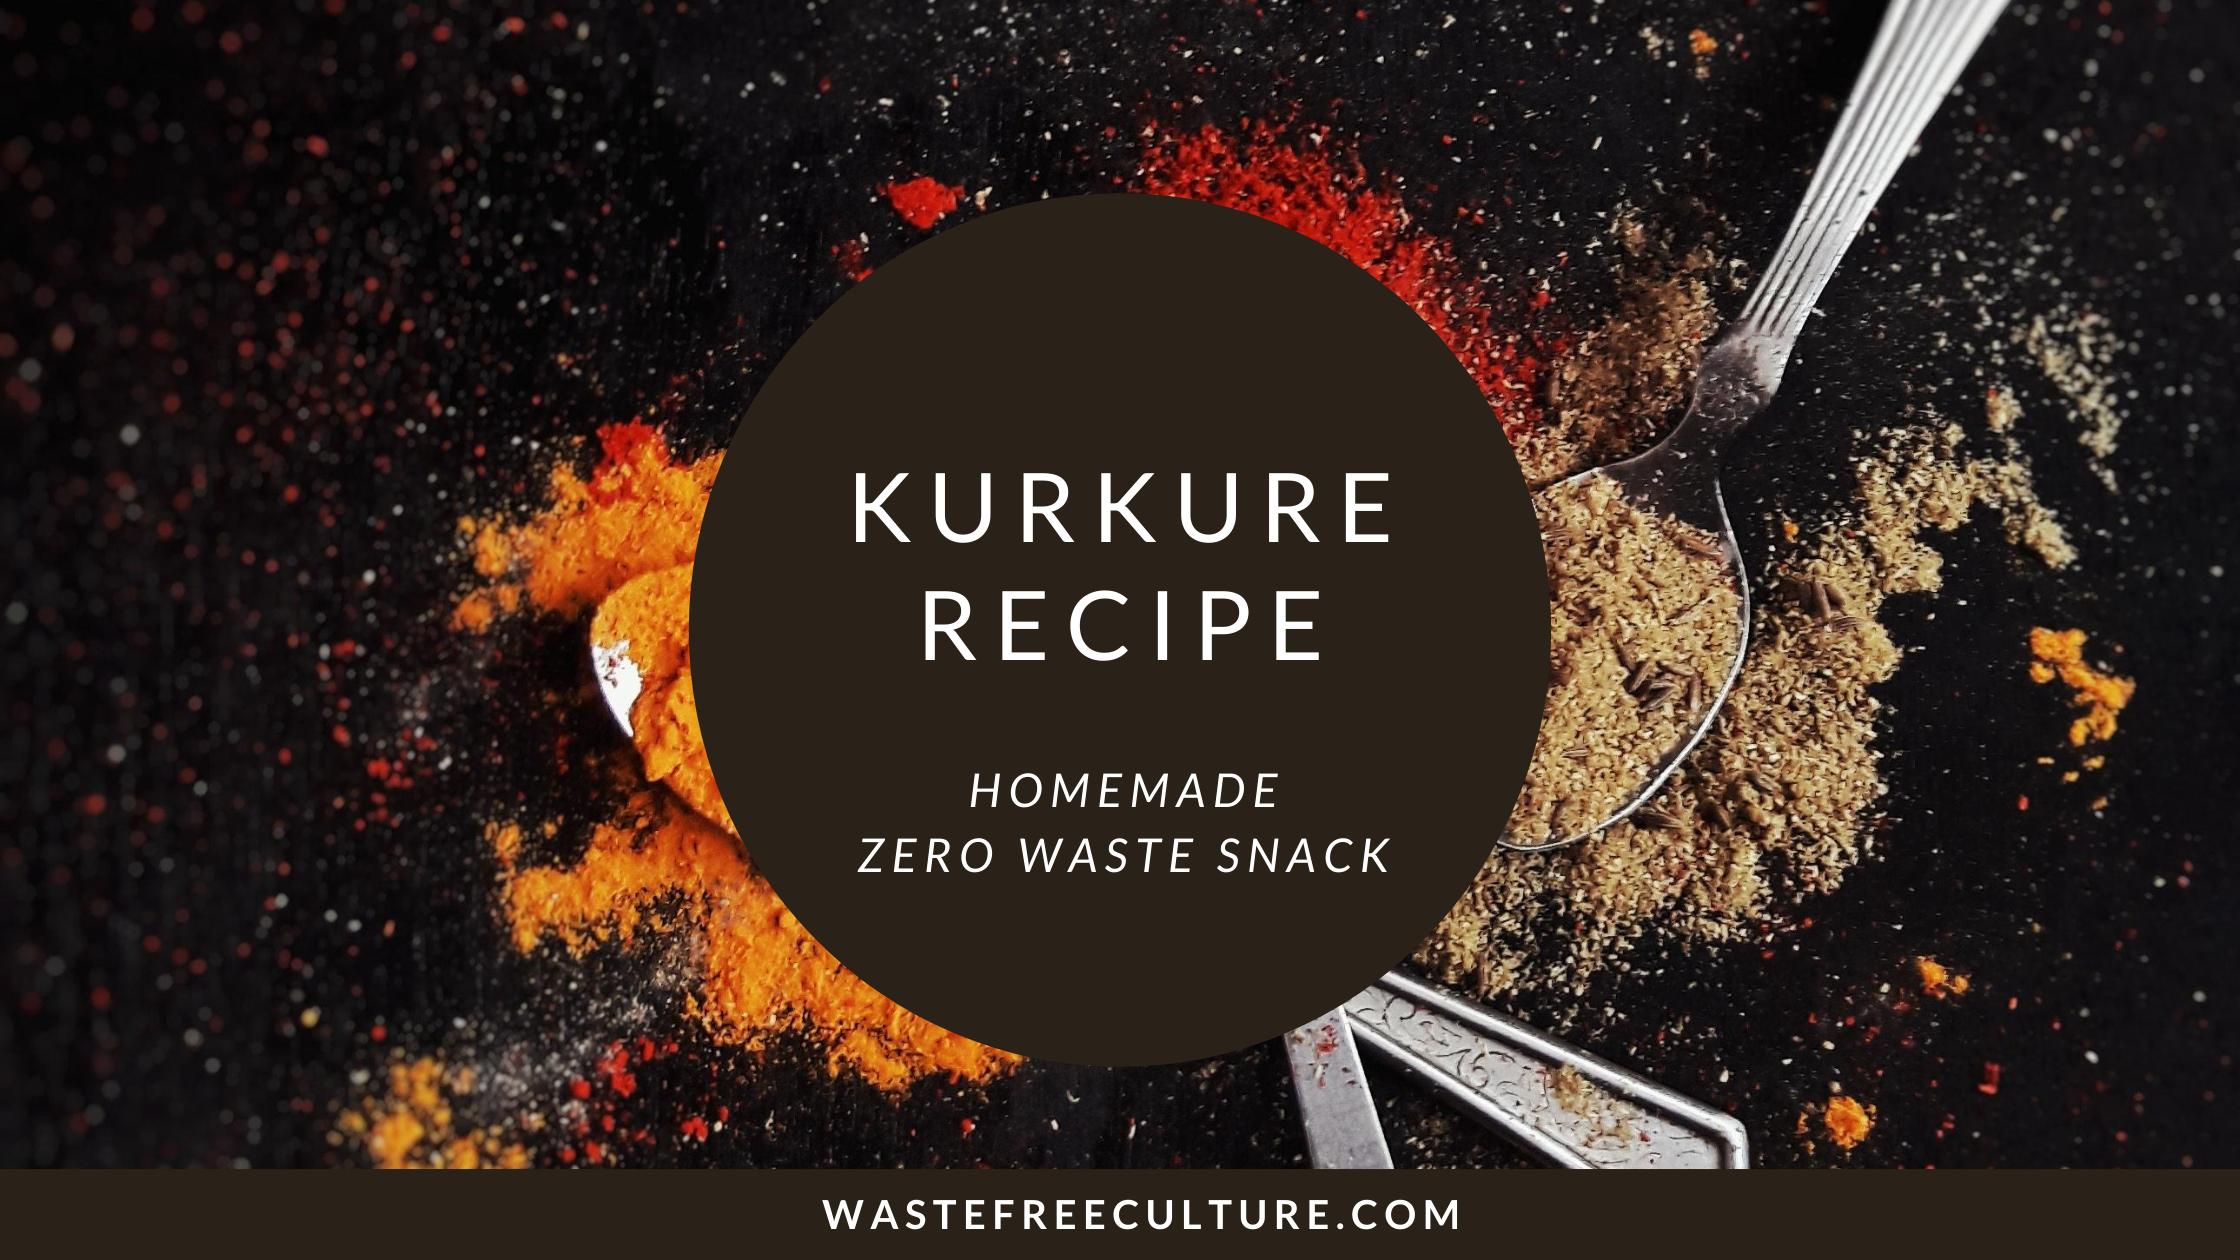 Kurkure Recipe - Homemade Zero Waste Snack